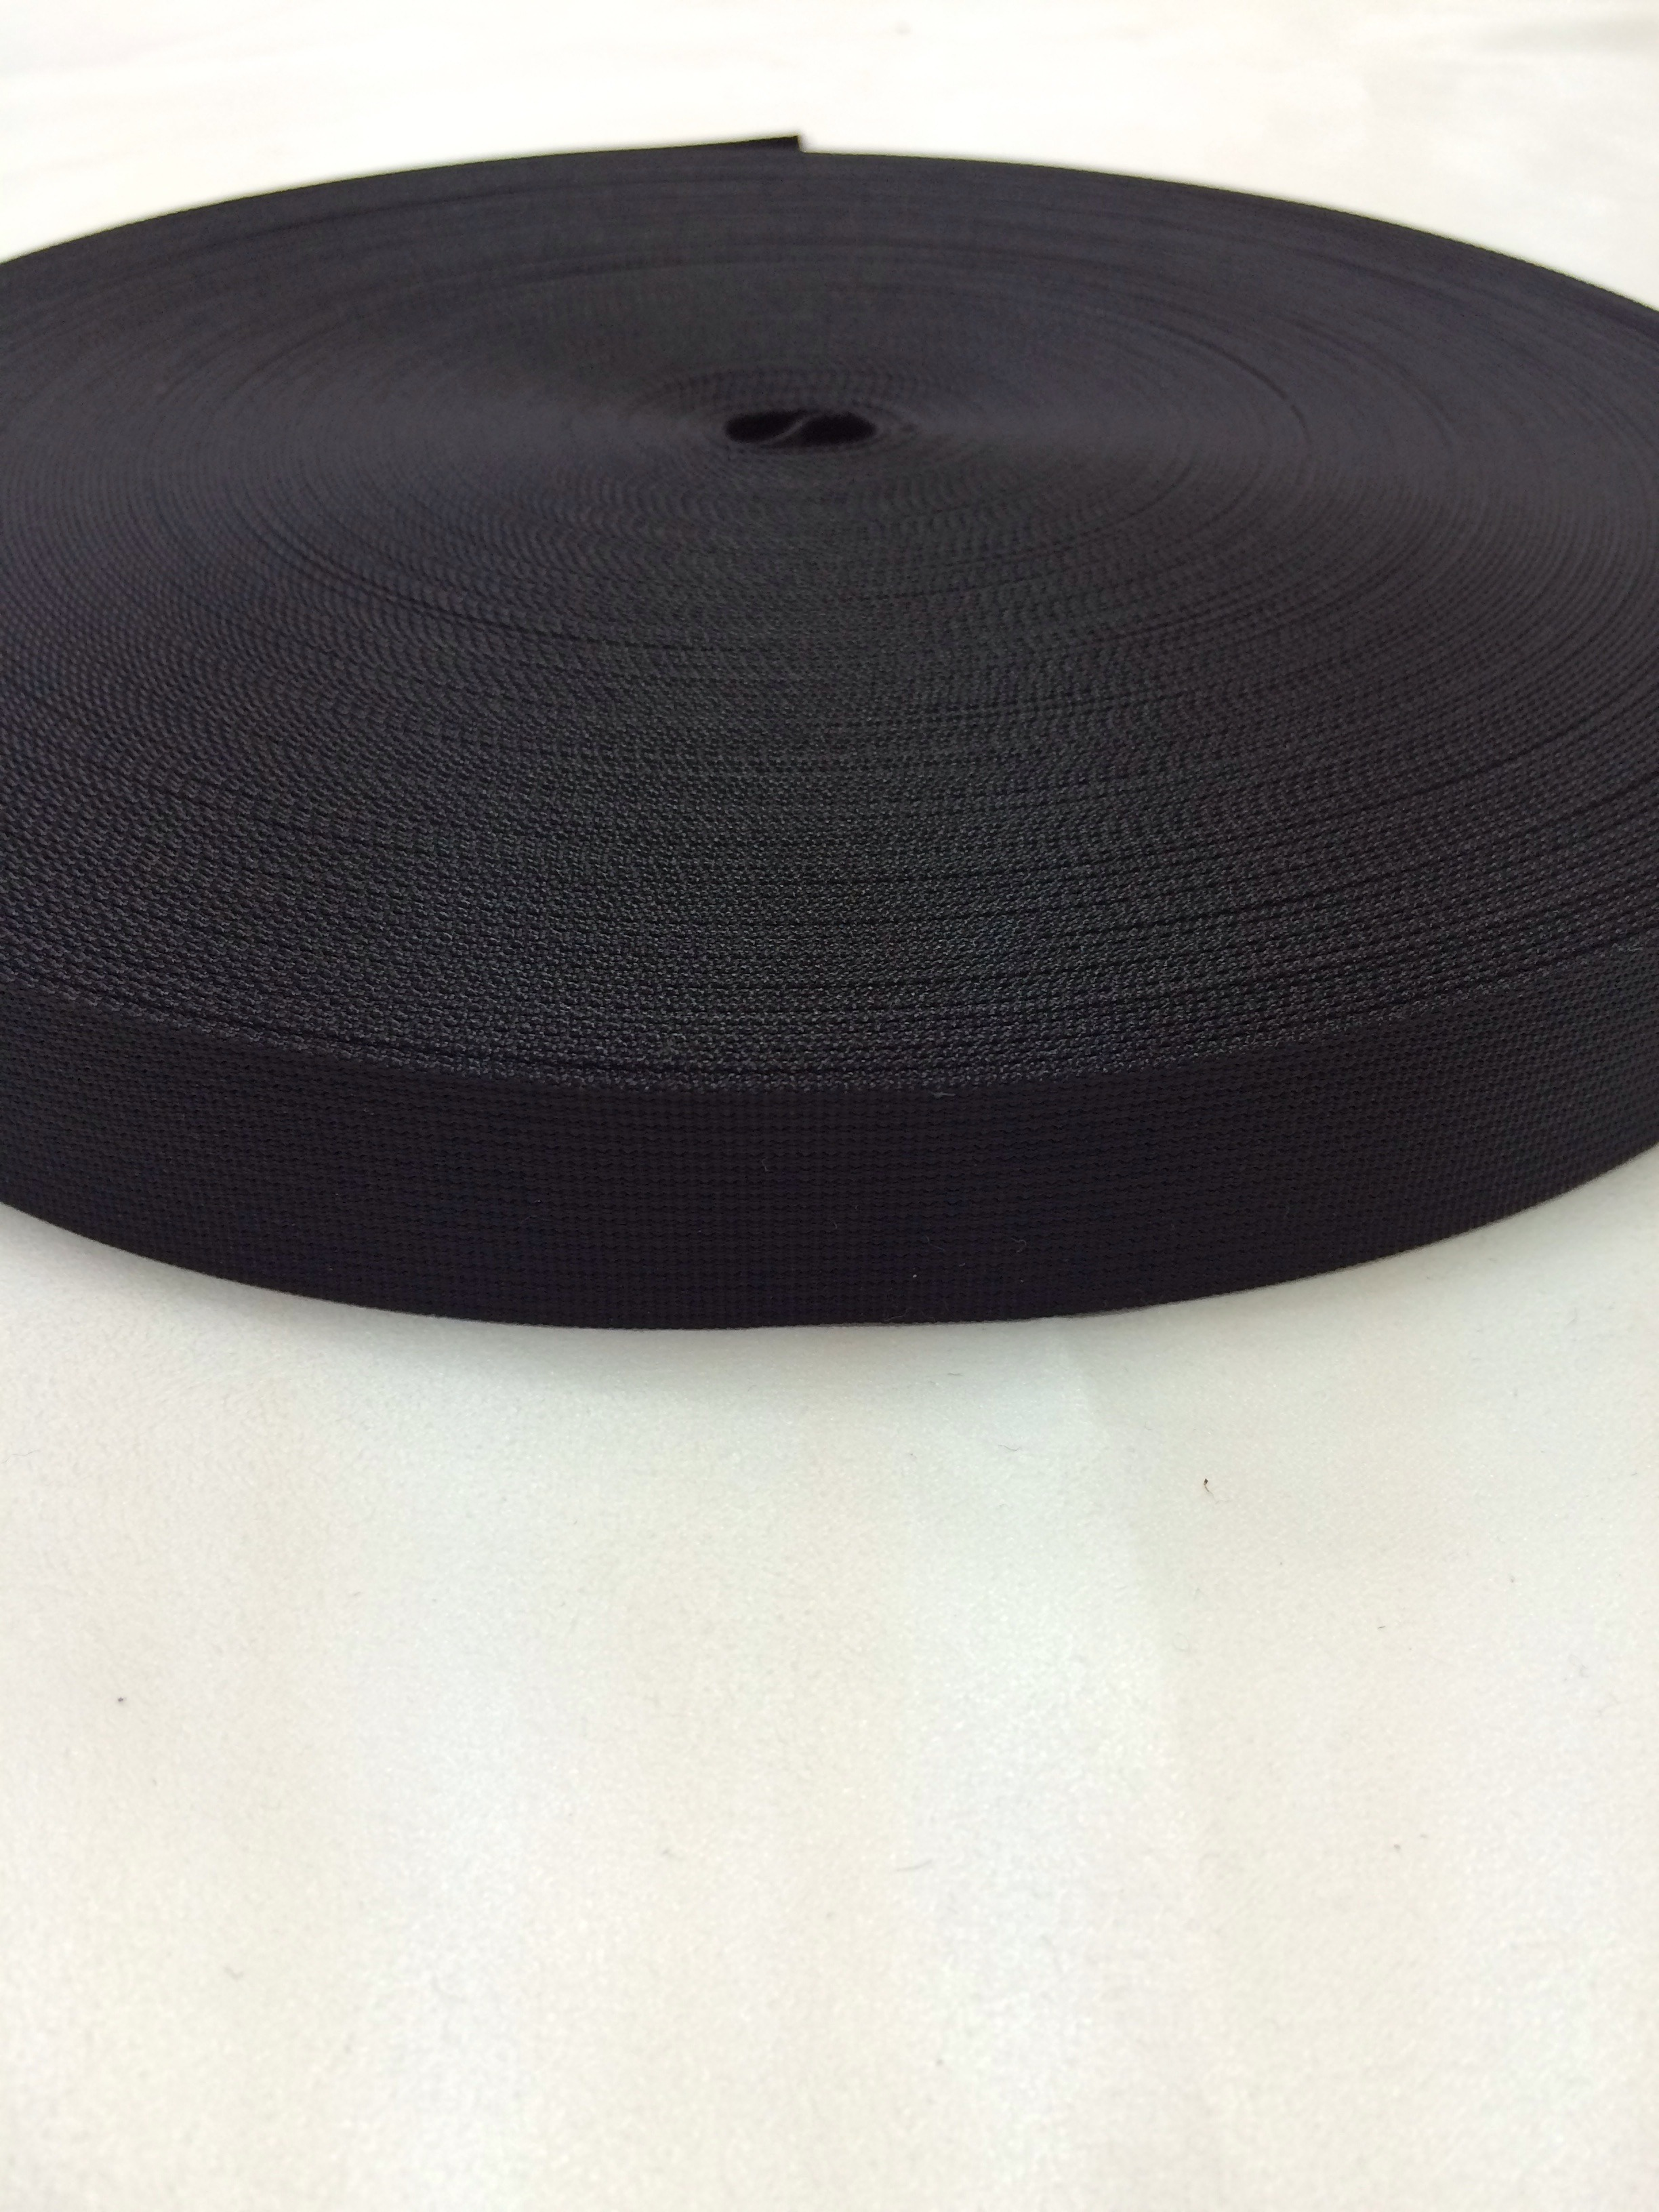 アウトドアにも ナイロンテープ 高密度織 25mm幅 1㎜厚 黒 5m